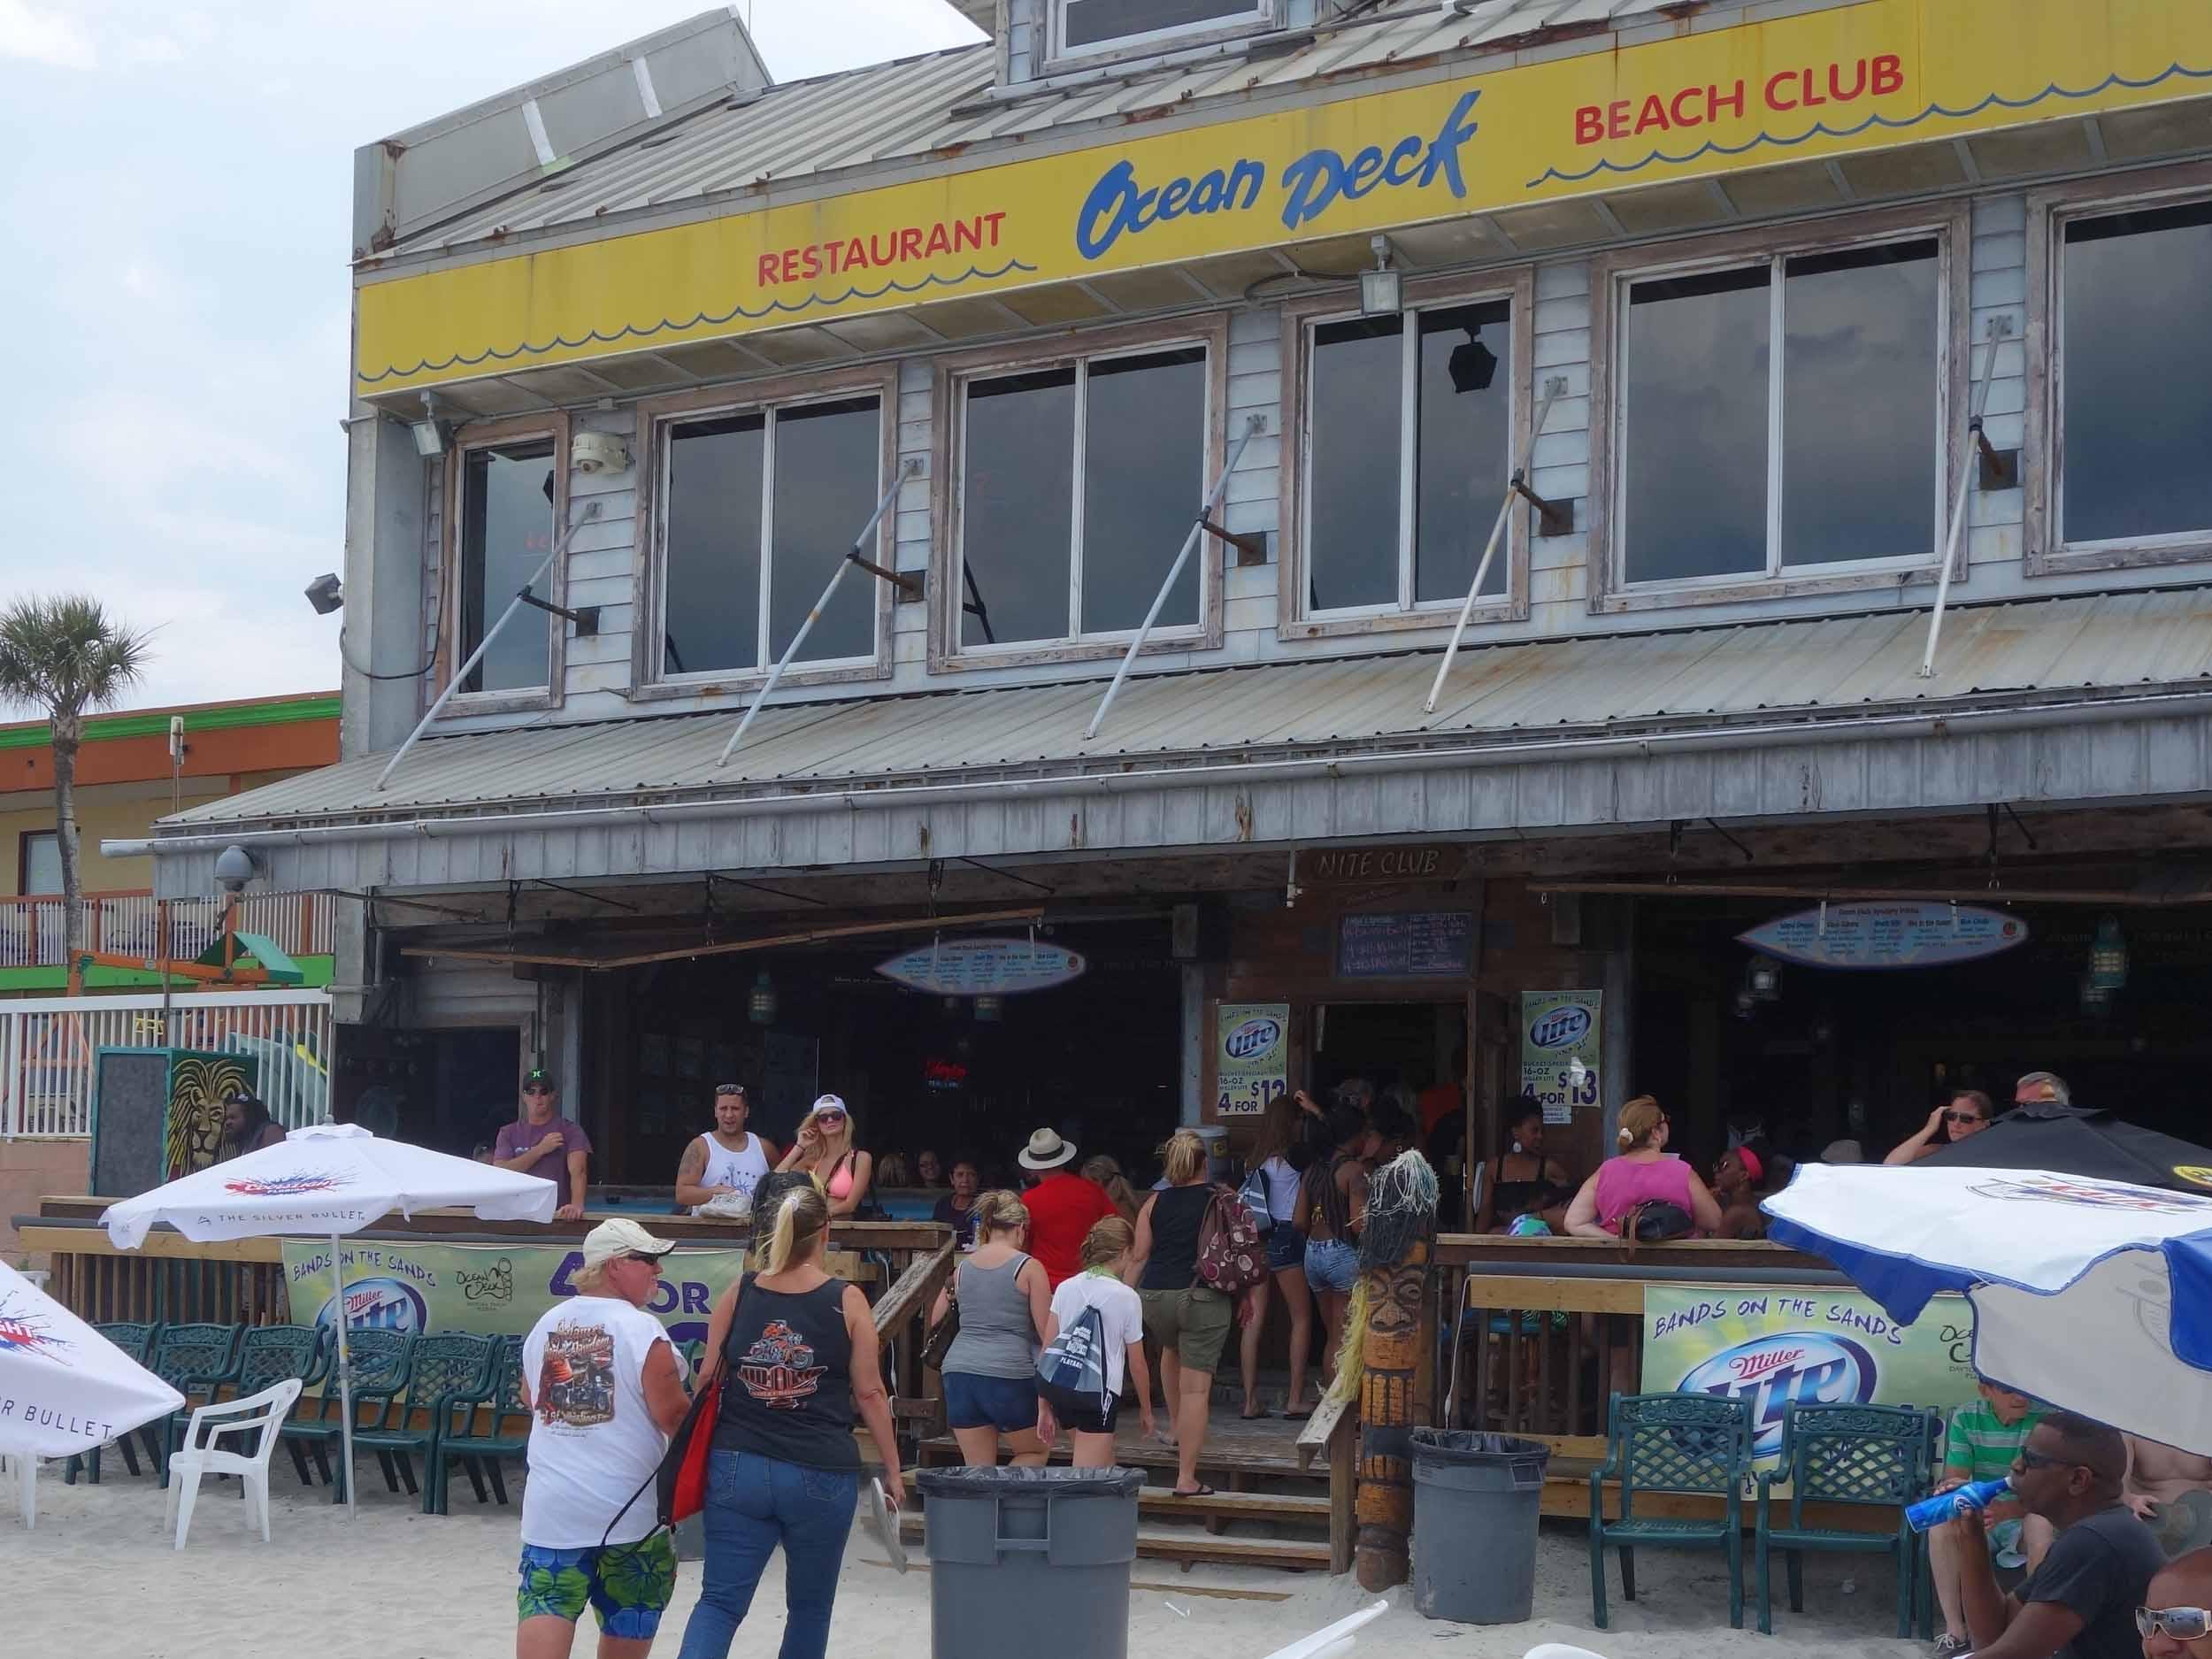 Ocean Club Restaurant and Beach Club Exterior